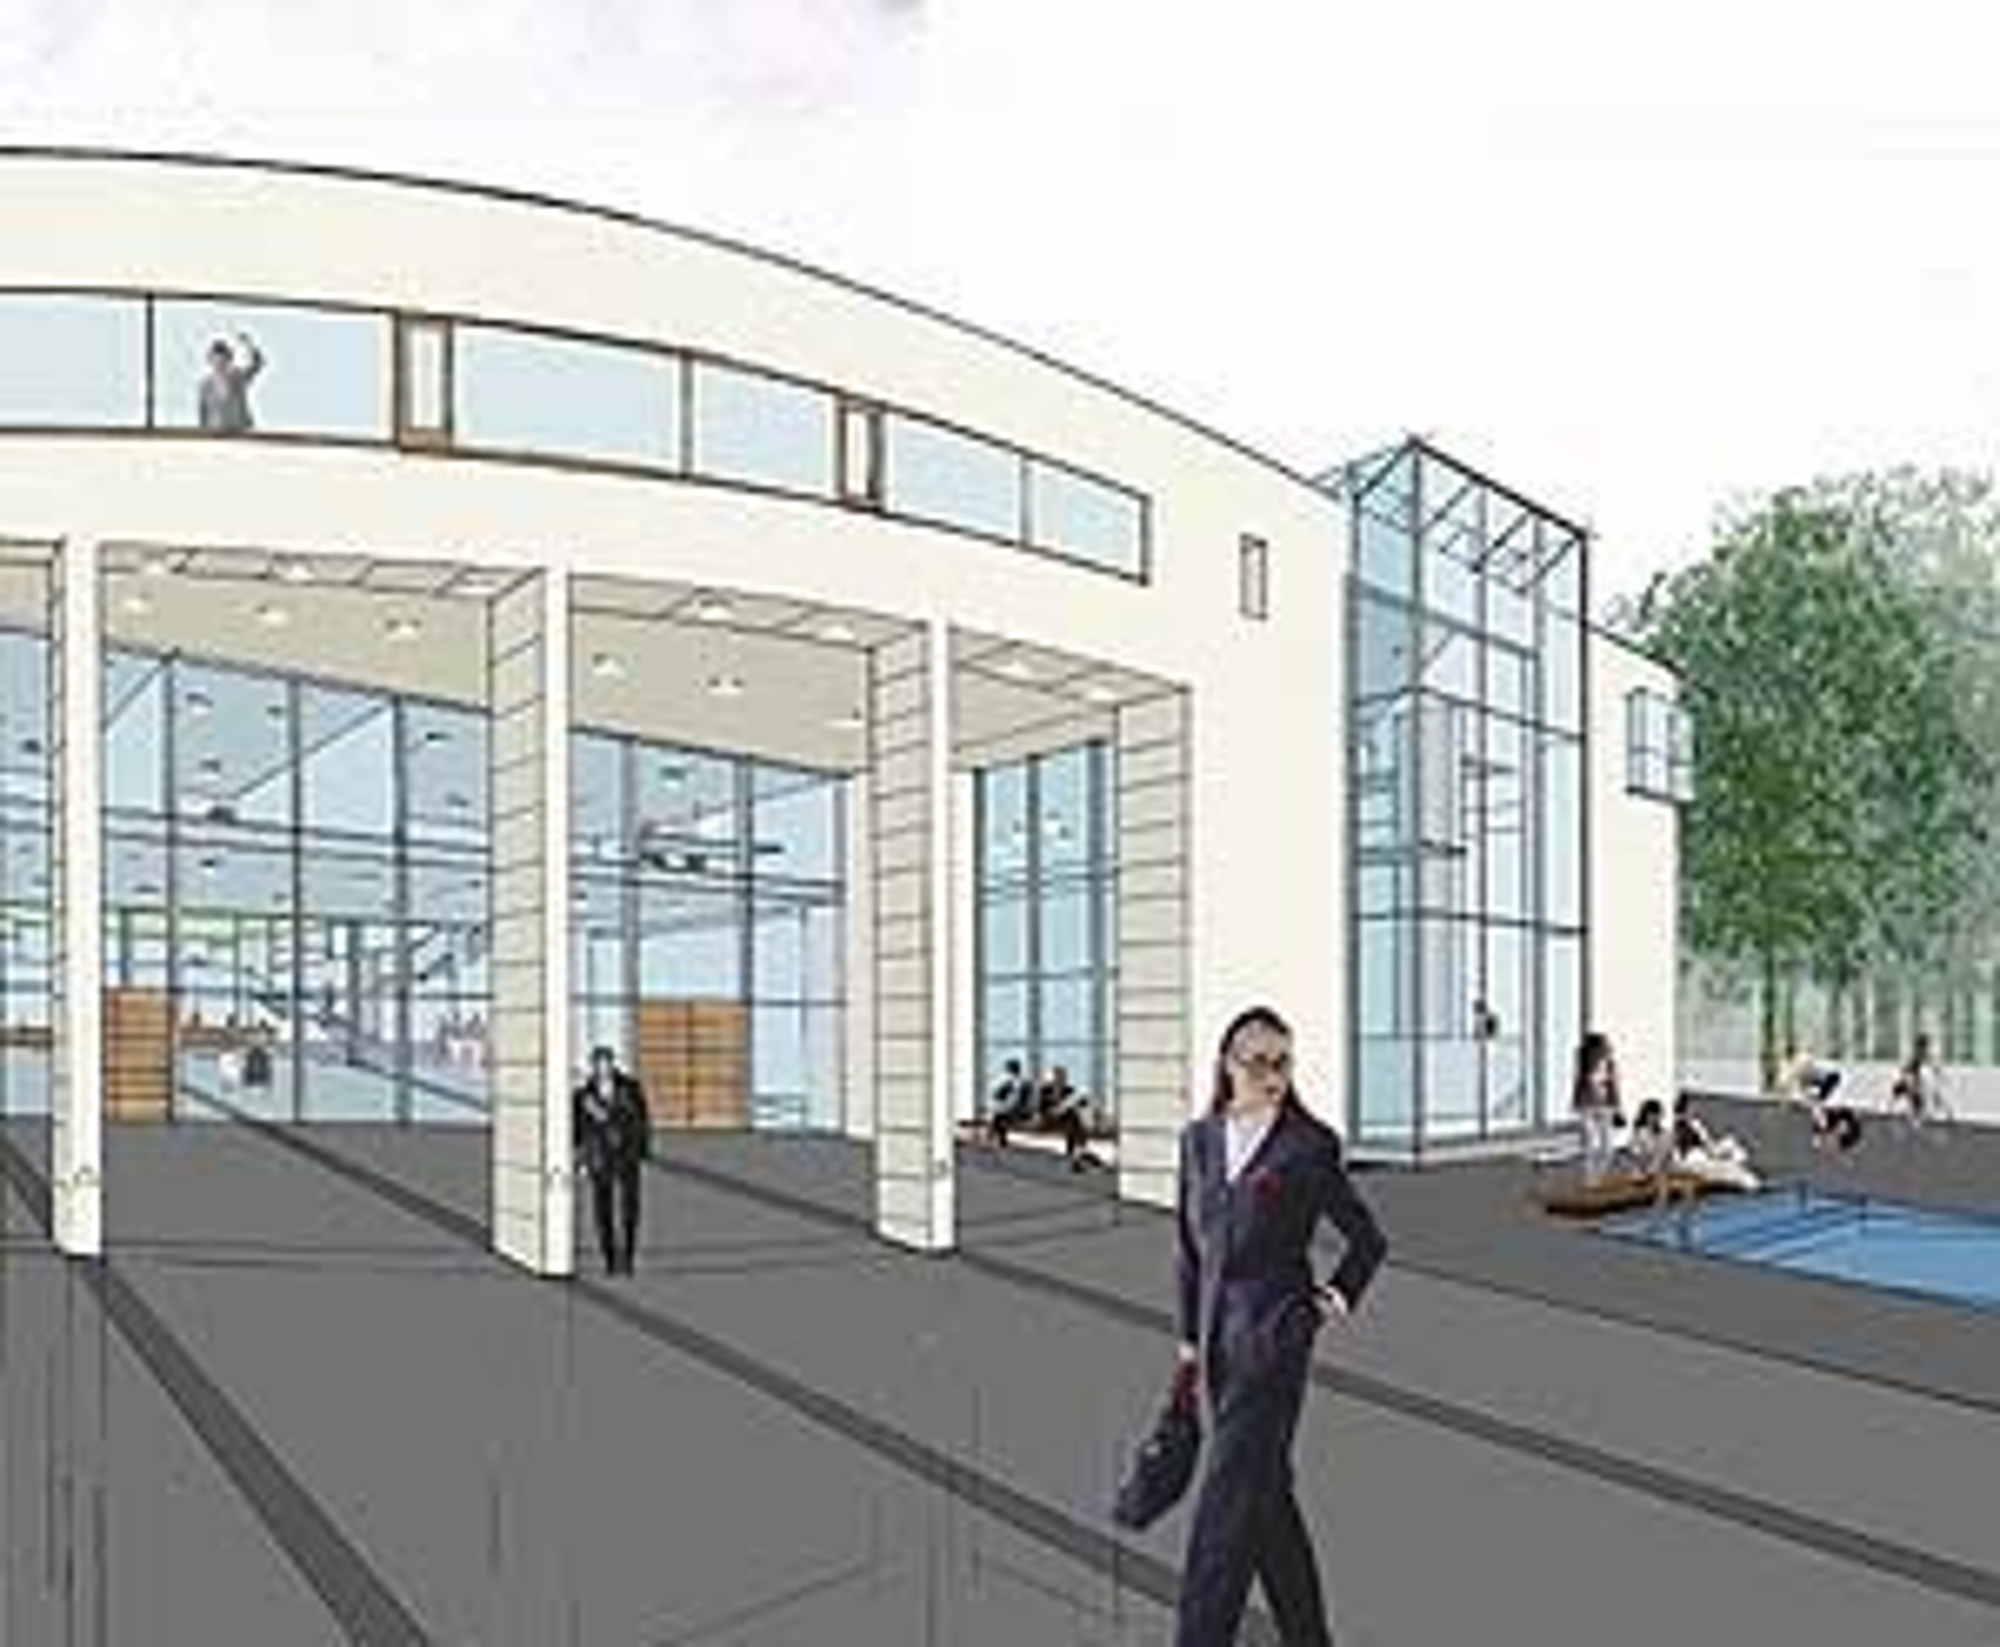 Grunnsteinen til det nye studentsenteret i Bergen ble lagt ned i slutten av mai. Her er hovedinngangen.